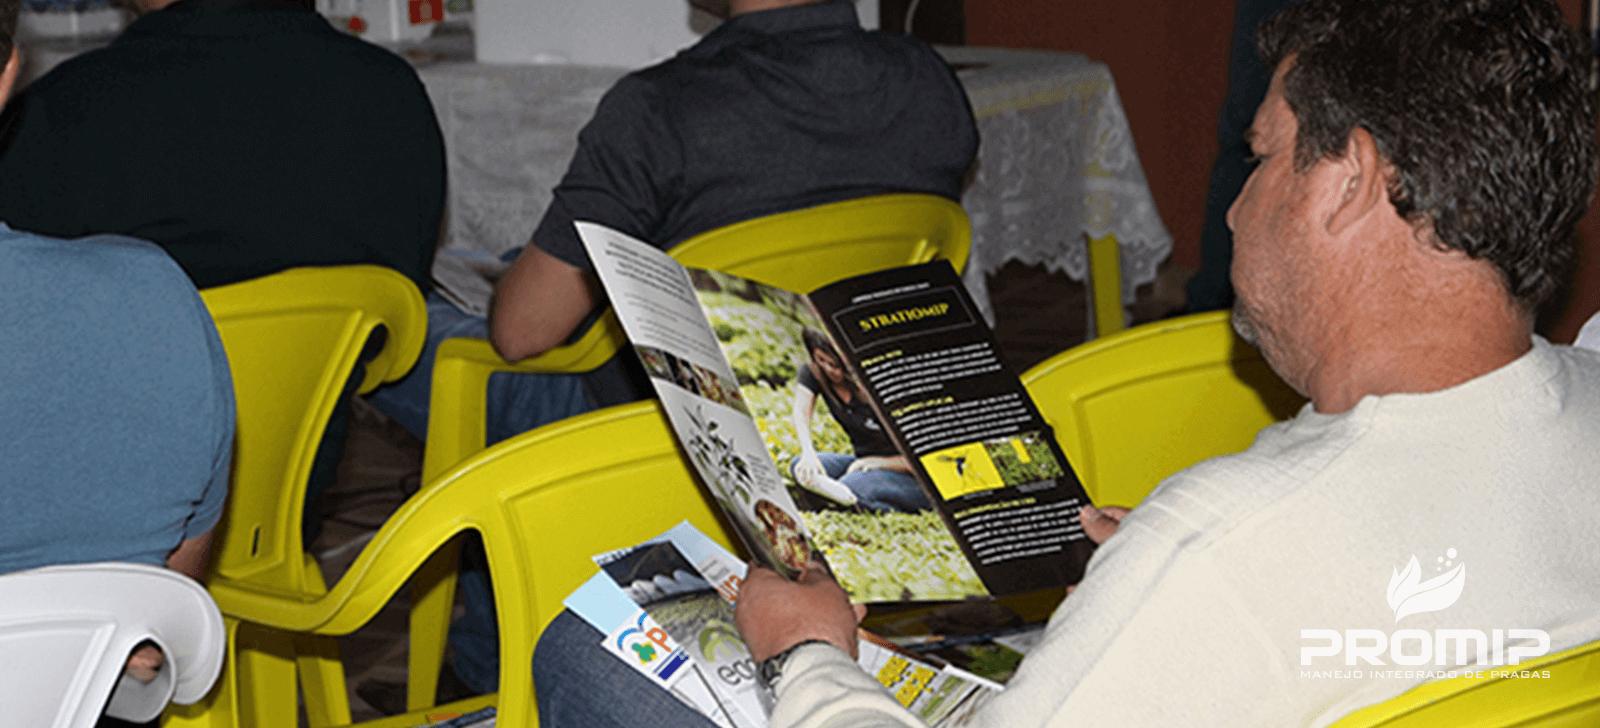 promip manejo integrado de pragas controle biologico inovacoes promip sao apresentadas para produtores de morango no sul de minas gerais (5)